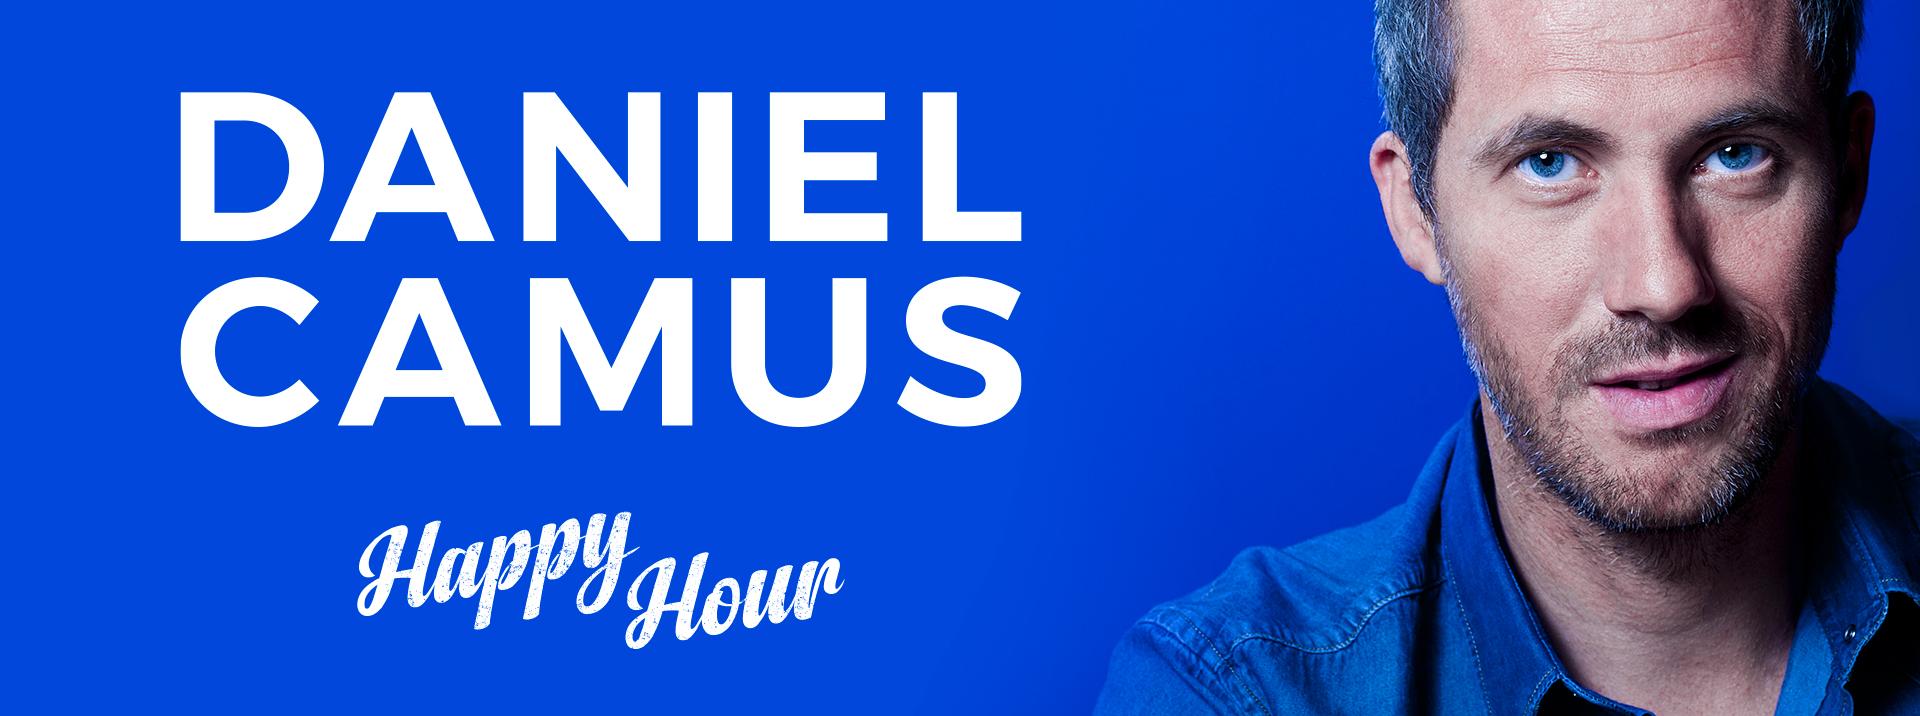 Au théâtre ce soir à Nantes Daniel Camus spectacle d'humour one man show